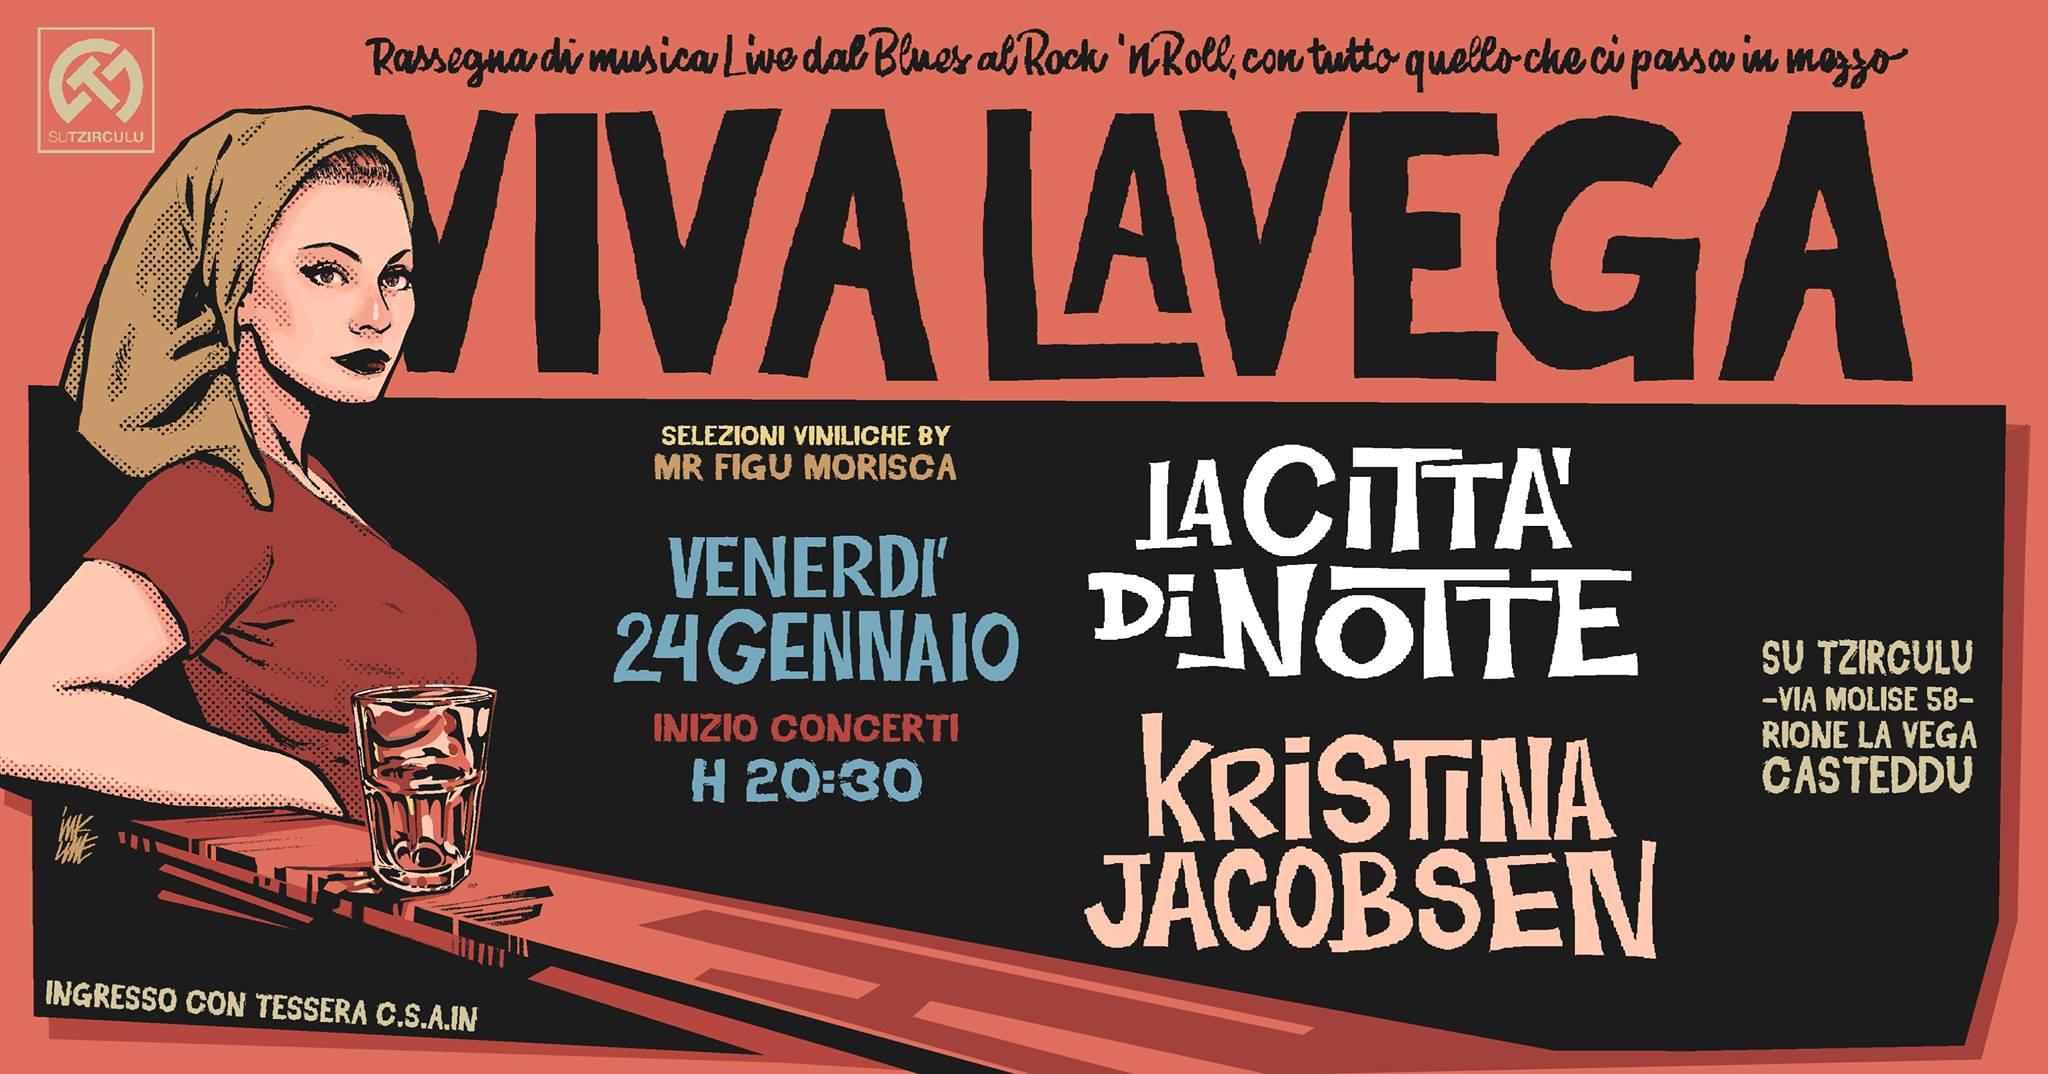 Viva La Vega - La Città di Notte - Kristina Jacobsen - Su Tzirculu - Cagliari - 24 gennaio 2020 - eventi - 2020 - Sa Scena Sarda